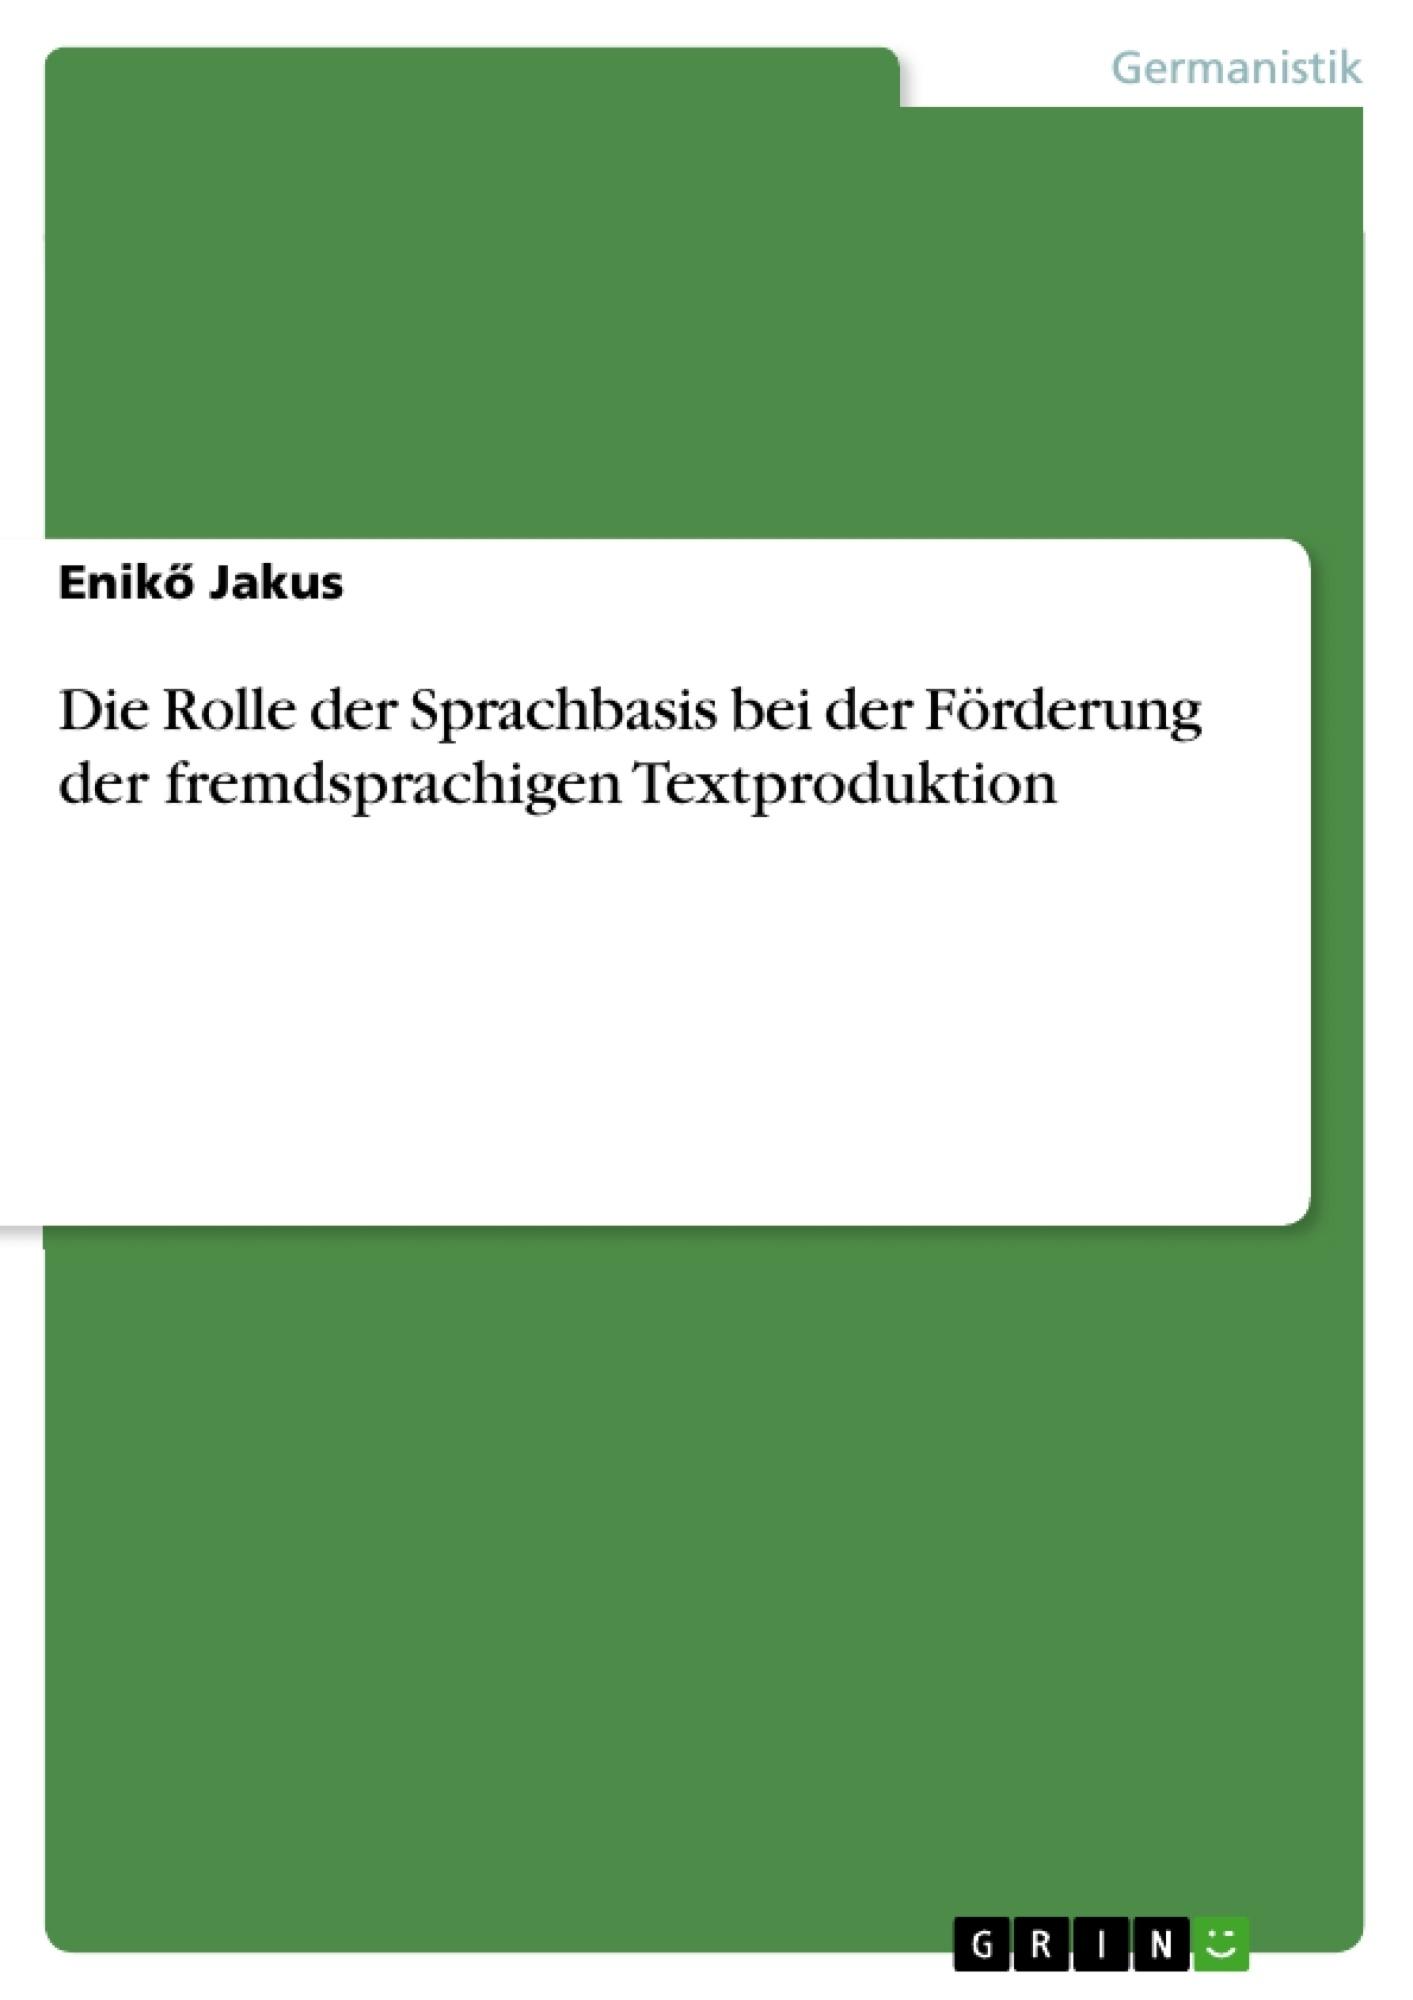 Titel: Die Rolle der Sprachbasis bei der Förderung der fremdsprachigen Textproduktion